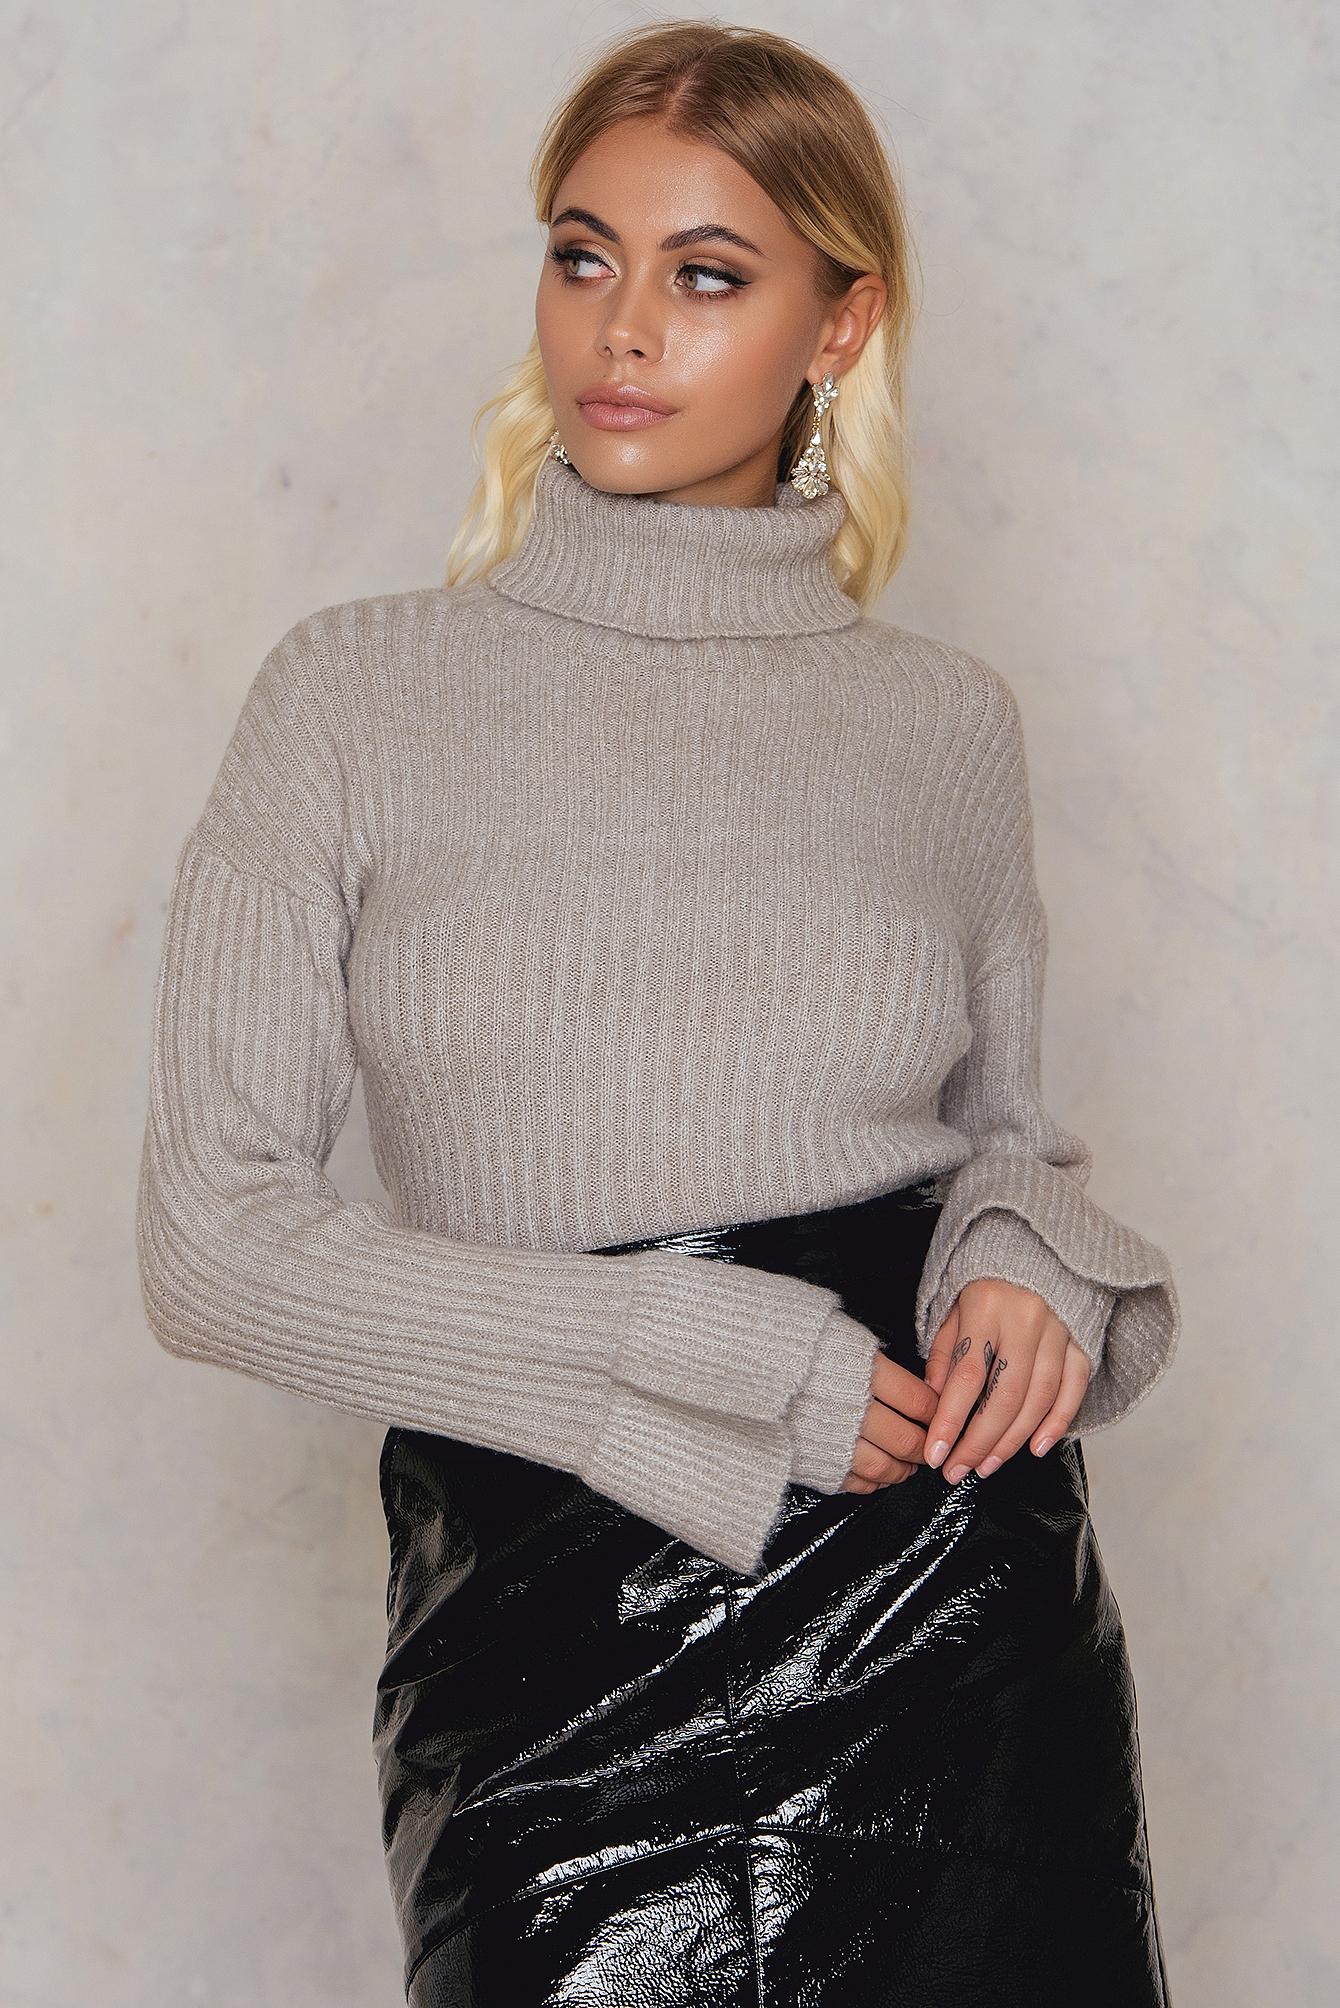 Short High Neck Sweater